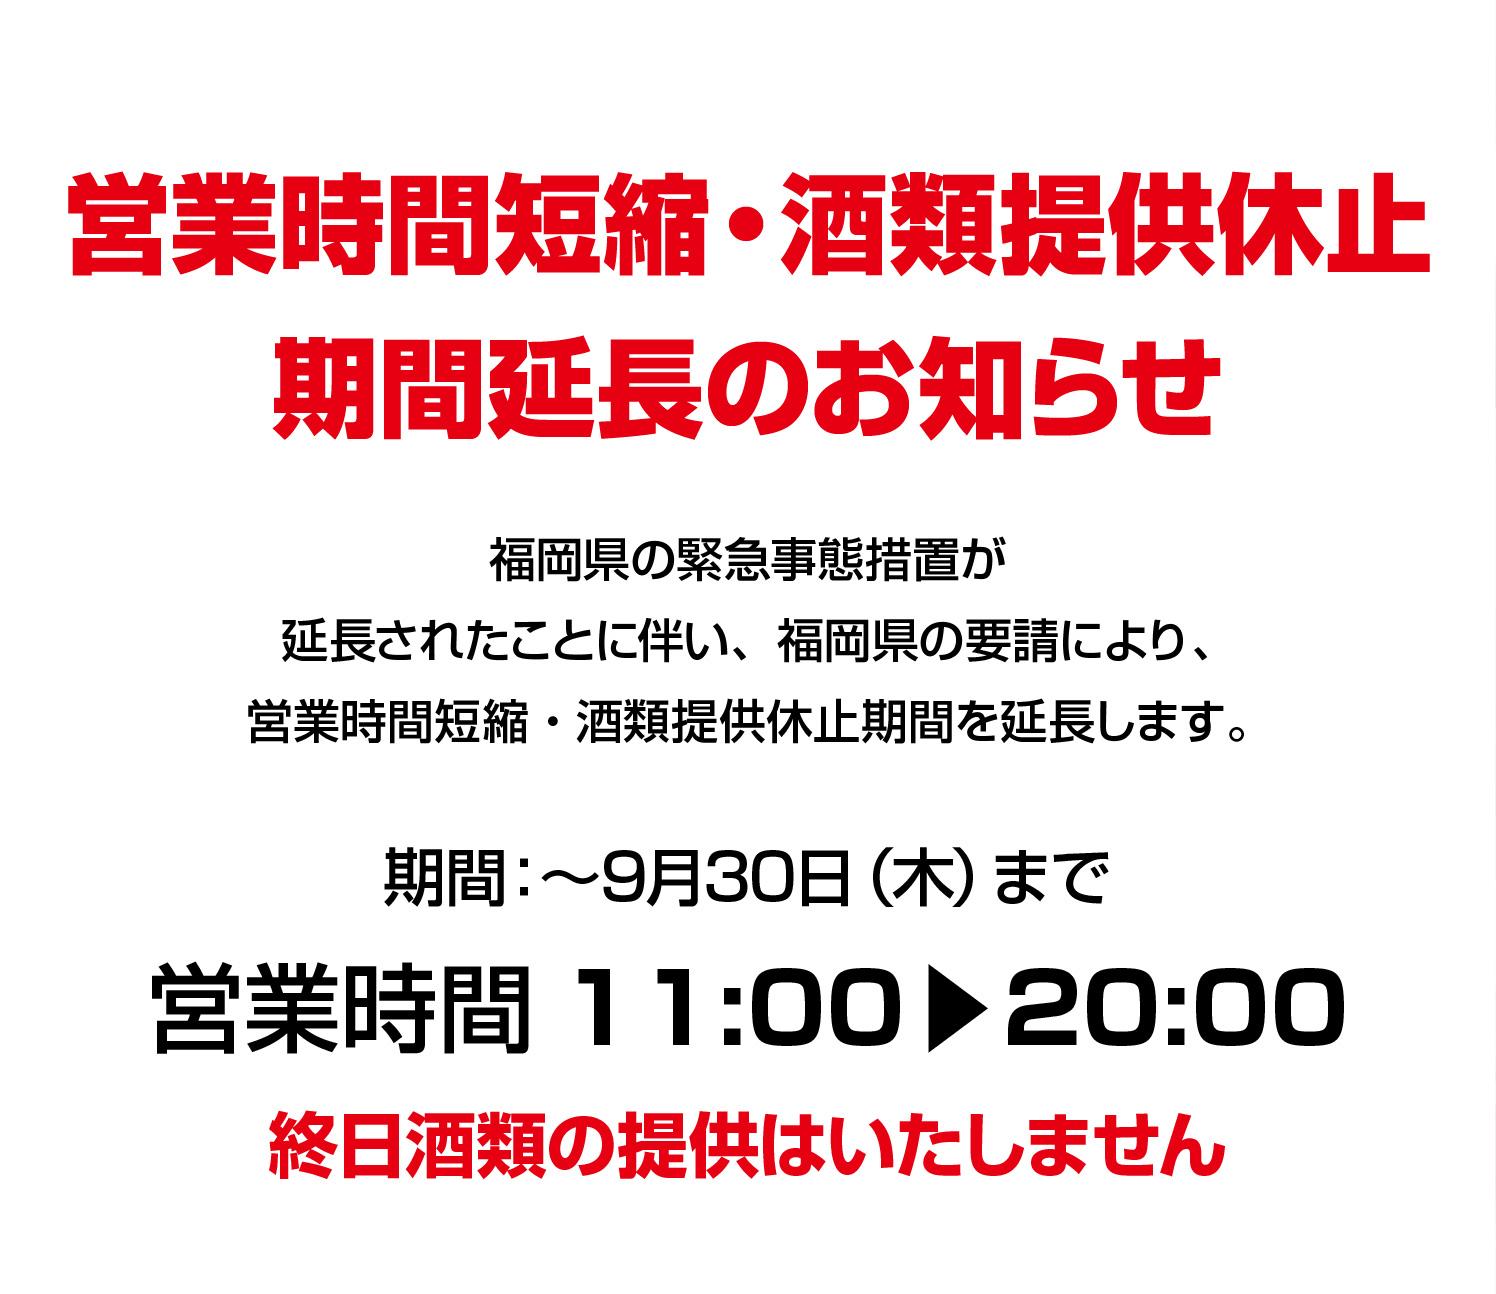 営業時間短縮・酒類提供休止期間延長のお知らせ 【9/13~】